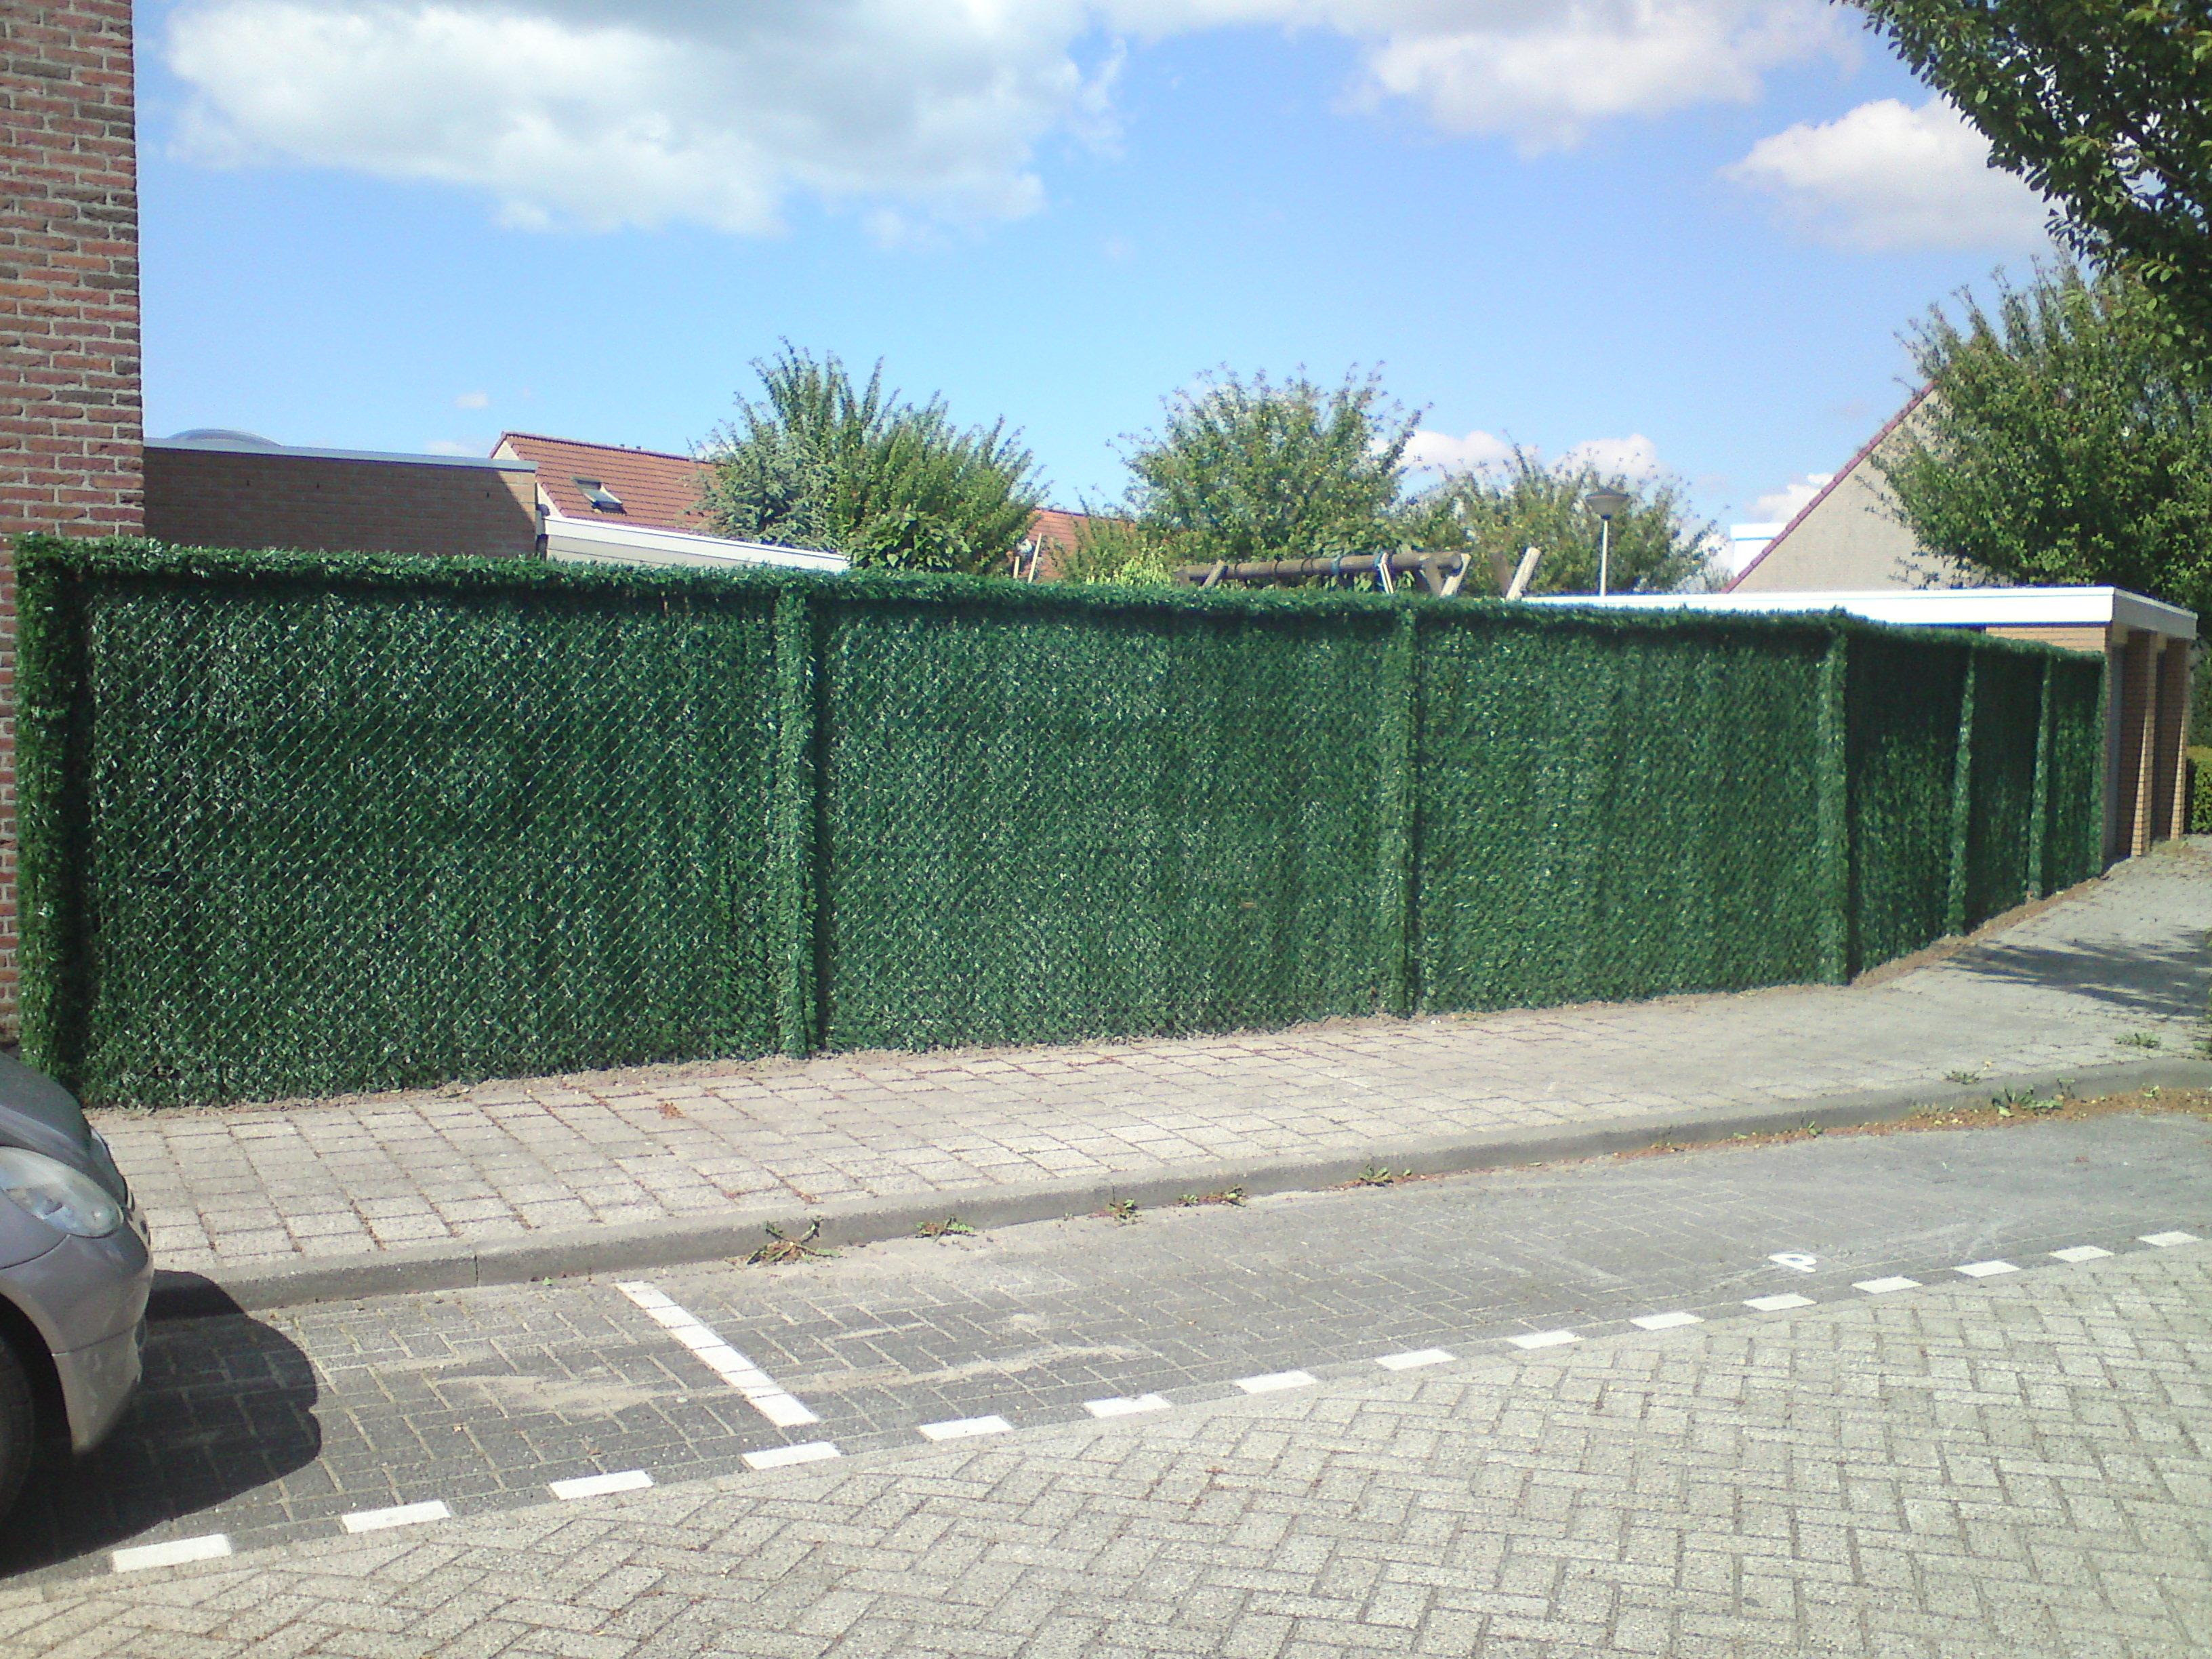 kunsthaag, draadkant, palen bekleed hoek, safegarden.nl, filiaal Antwerpenen filiaal Limburg